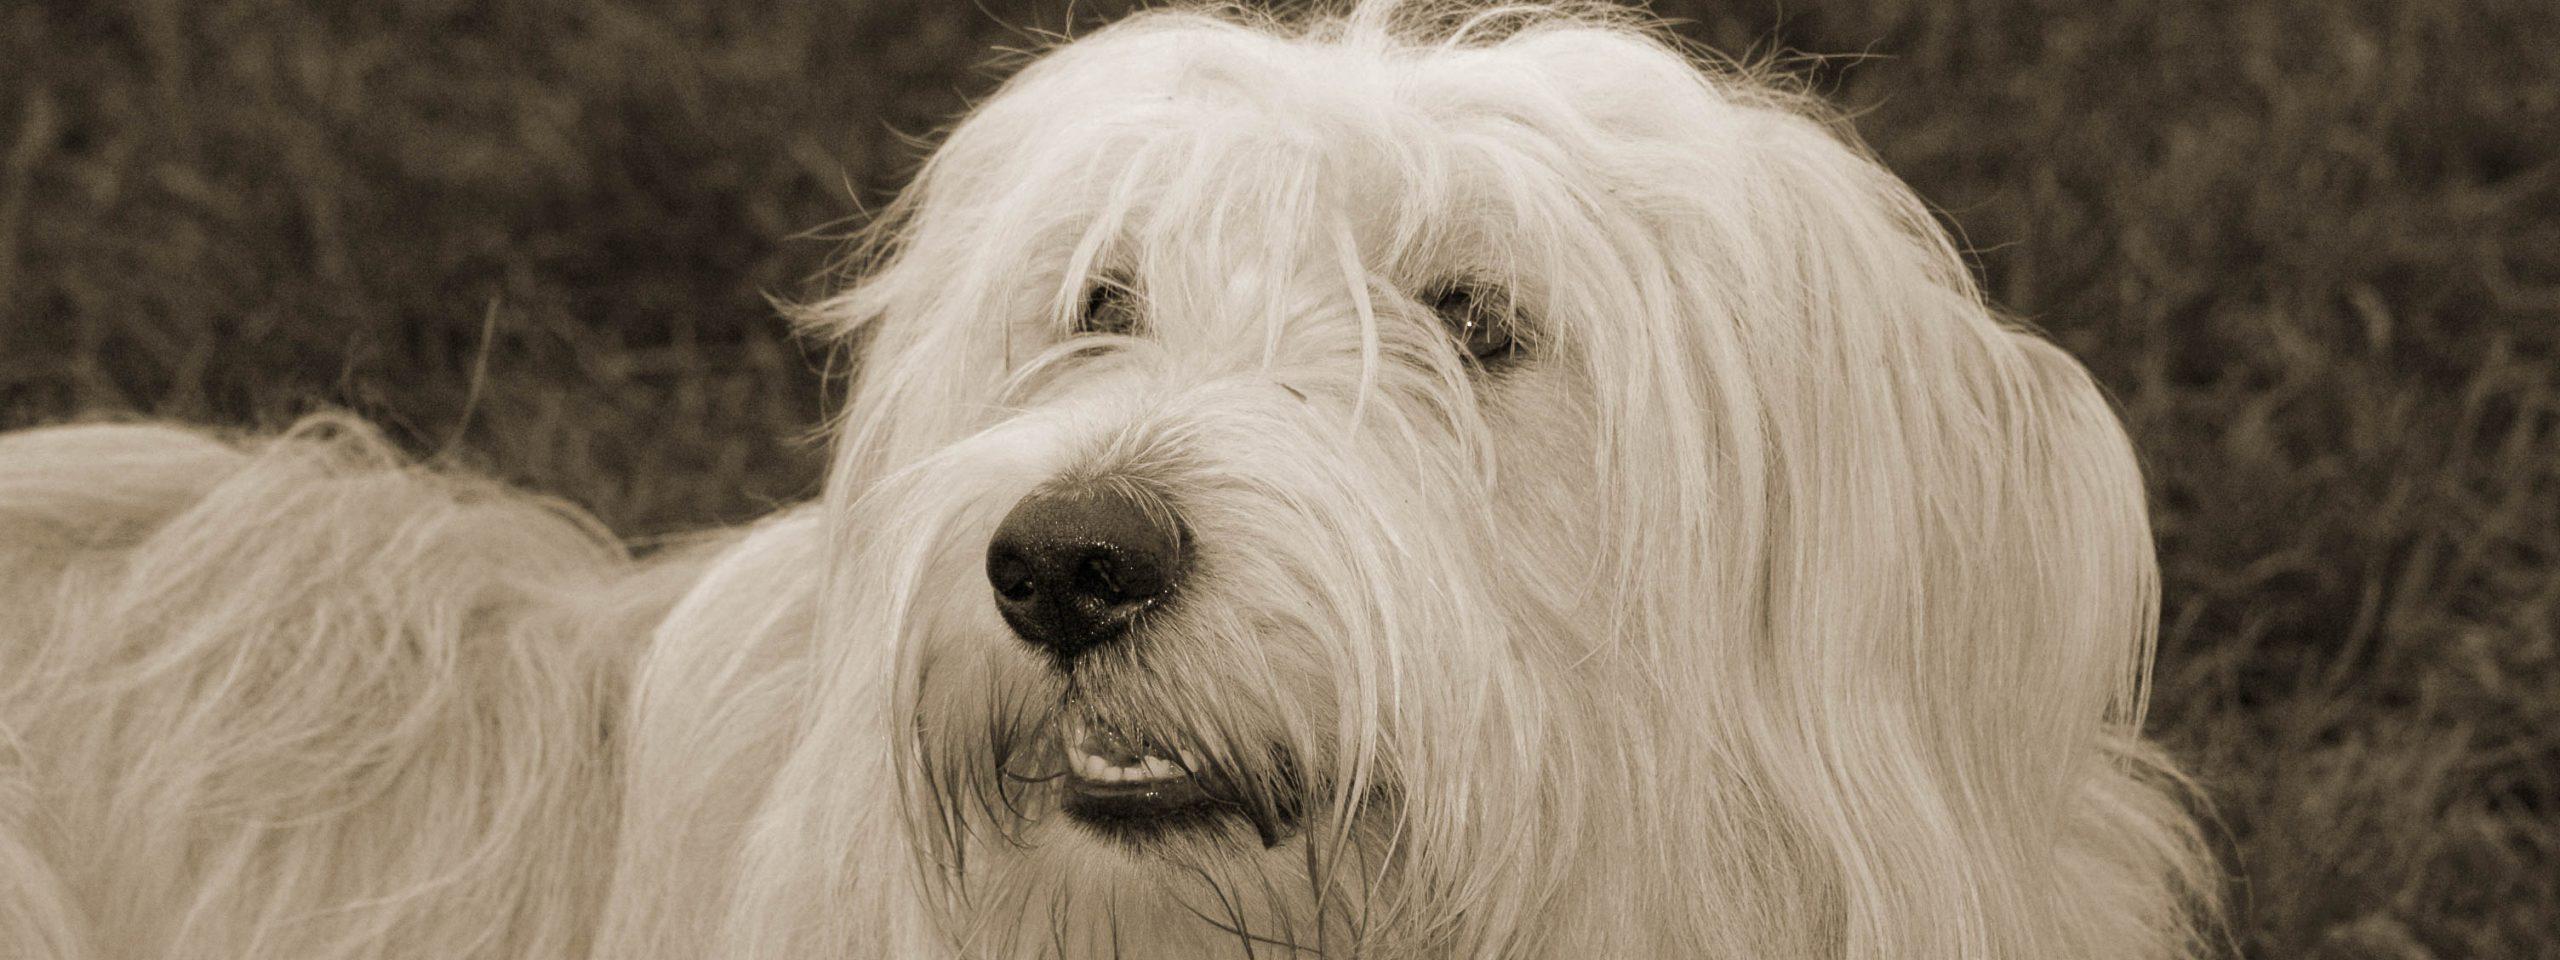 langhaariger weißer Hund schaut ängstlich